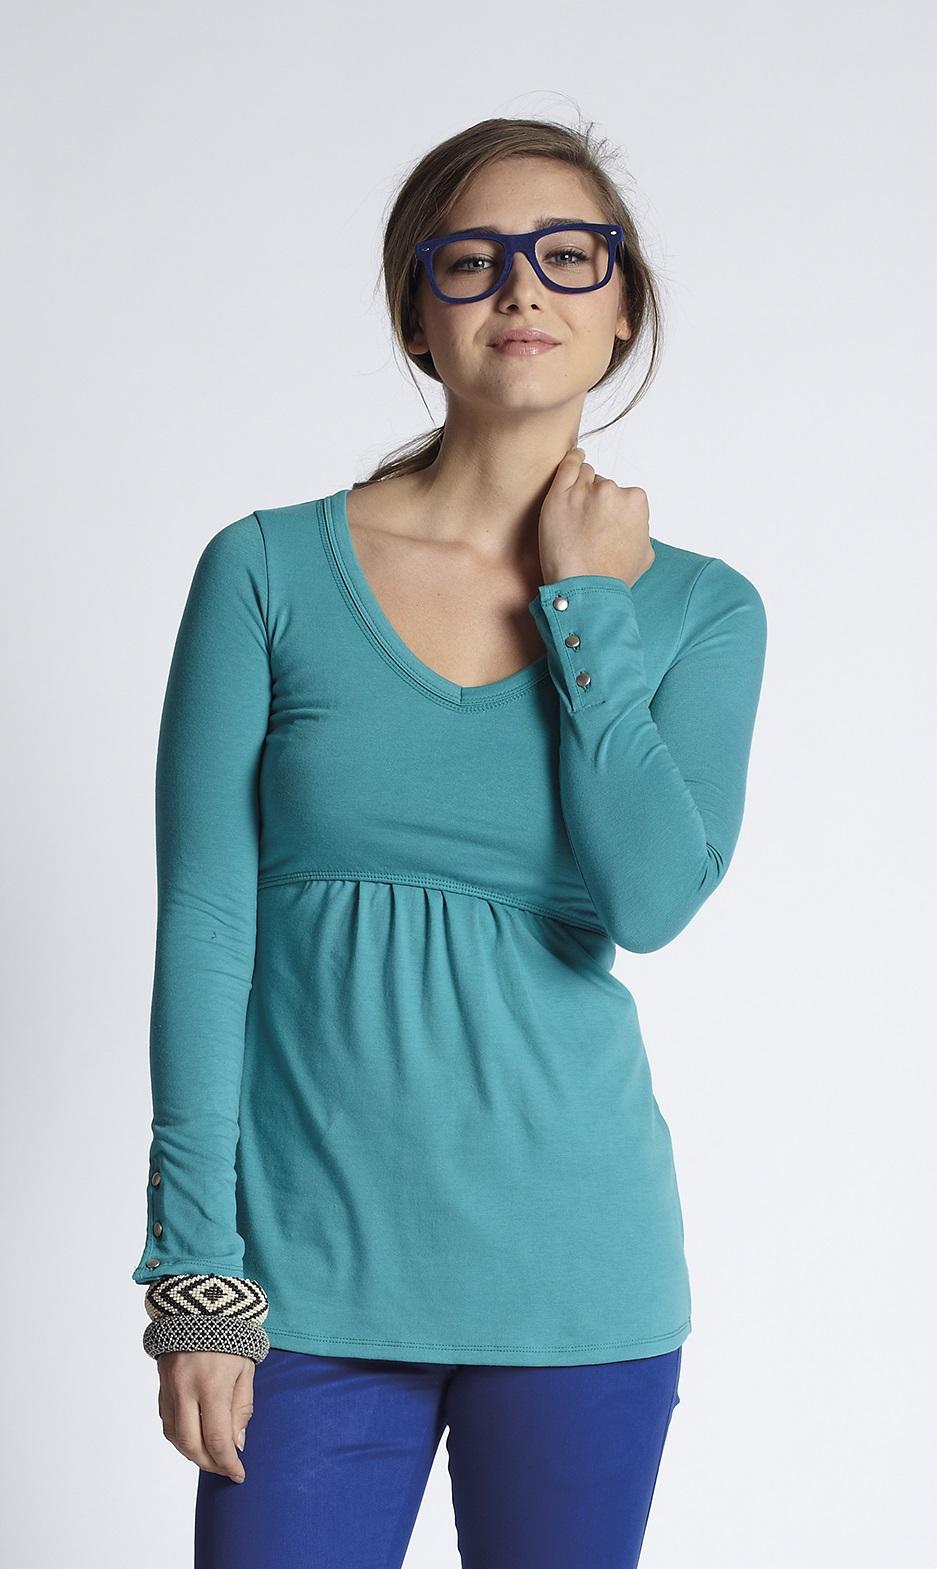 mothers-en-vogue-must-have-longsleeve-nursing-tee-winter-green-3.jpg